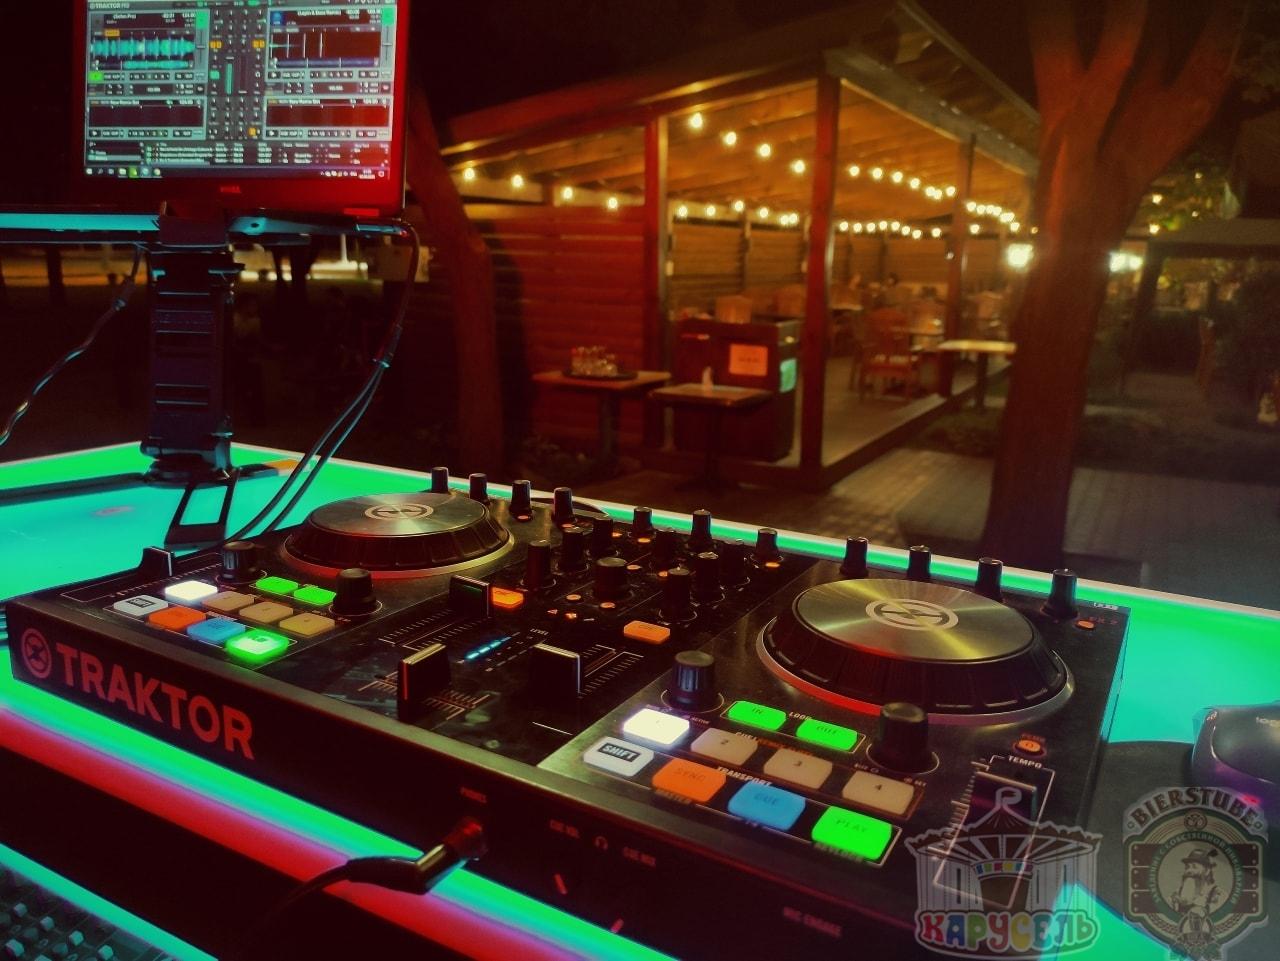 живая музыка в кафе ресторане карусель